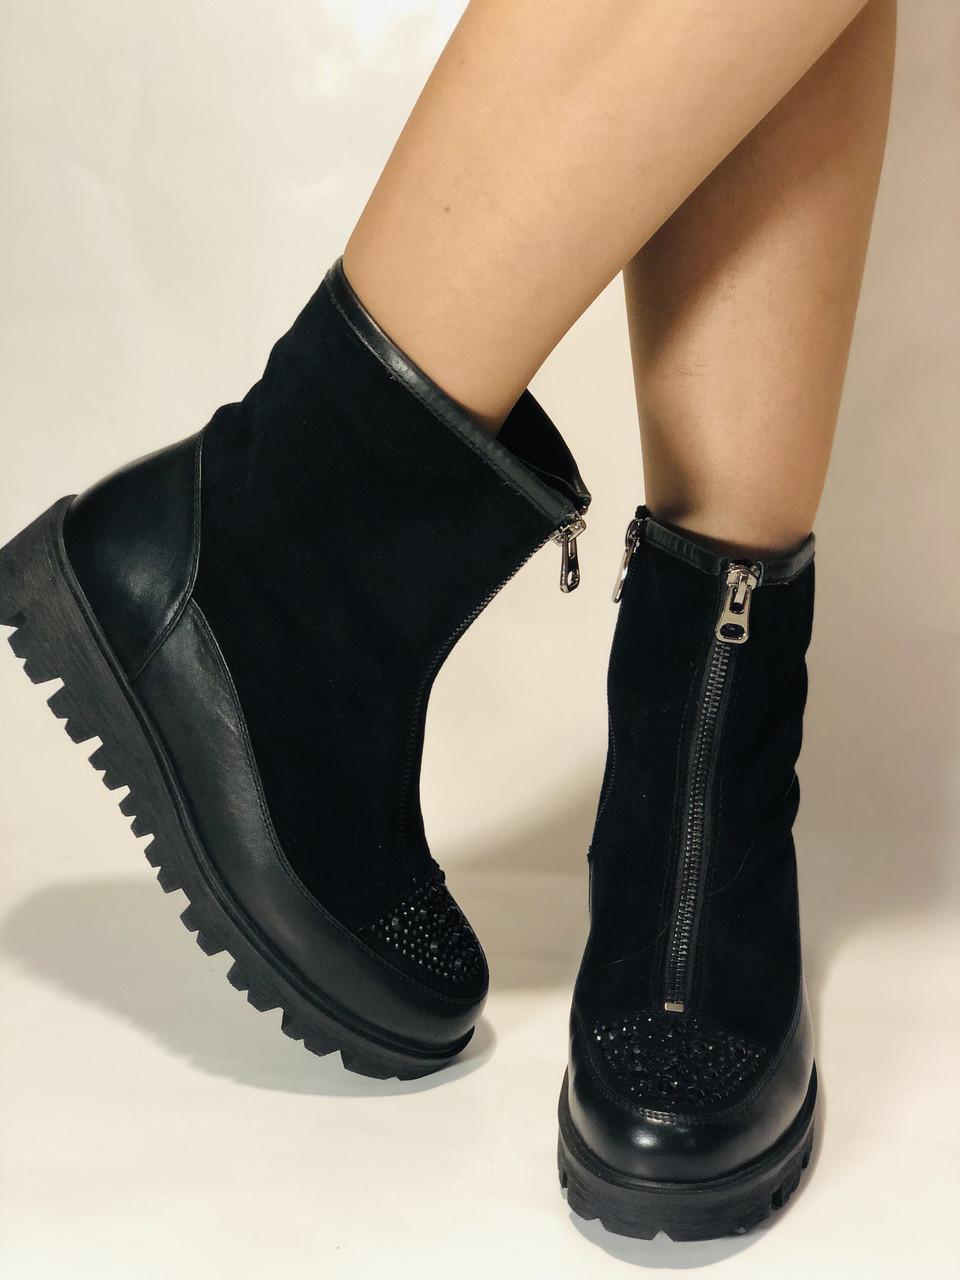 Натуральне хутро. Люкс якість. Жіночі зимові черевики. На низькій підошві. Натуральна замша. Polann Р. 36-40.